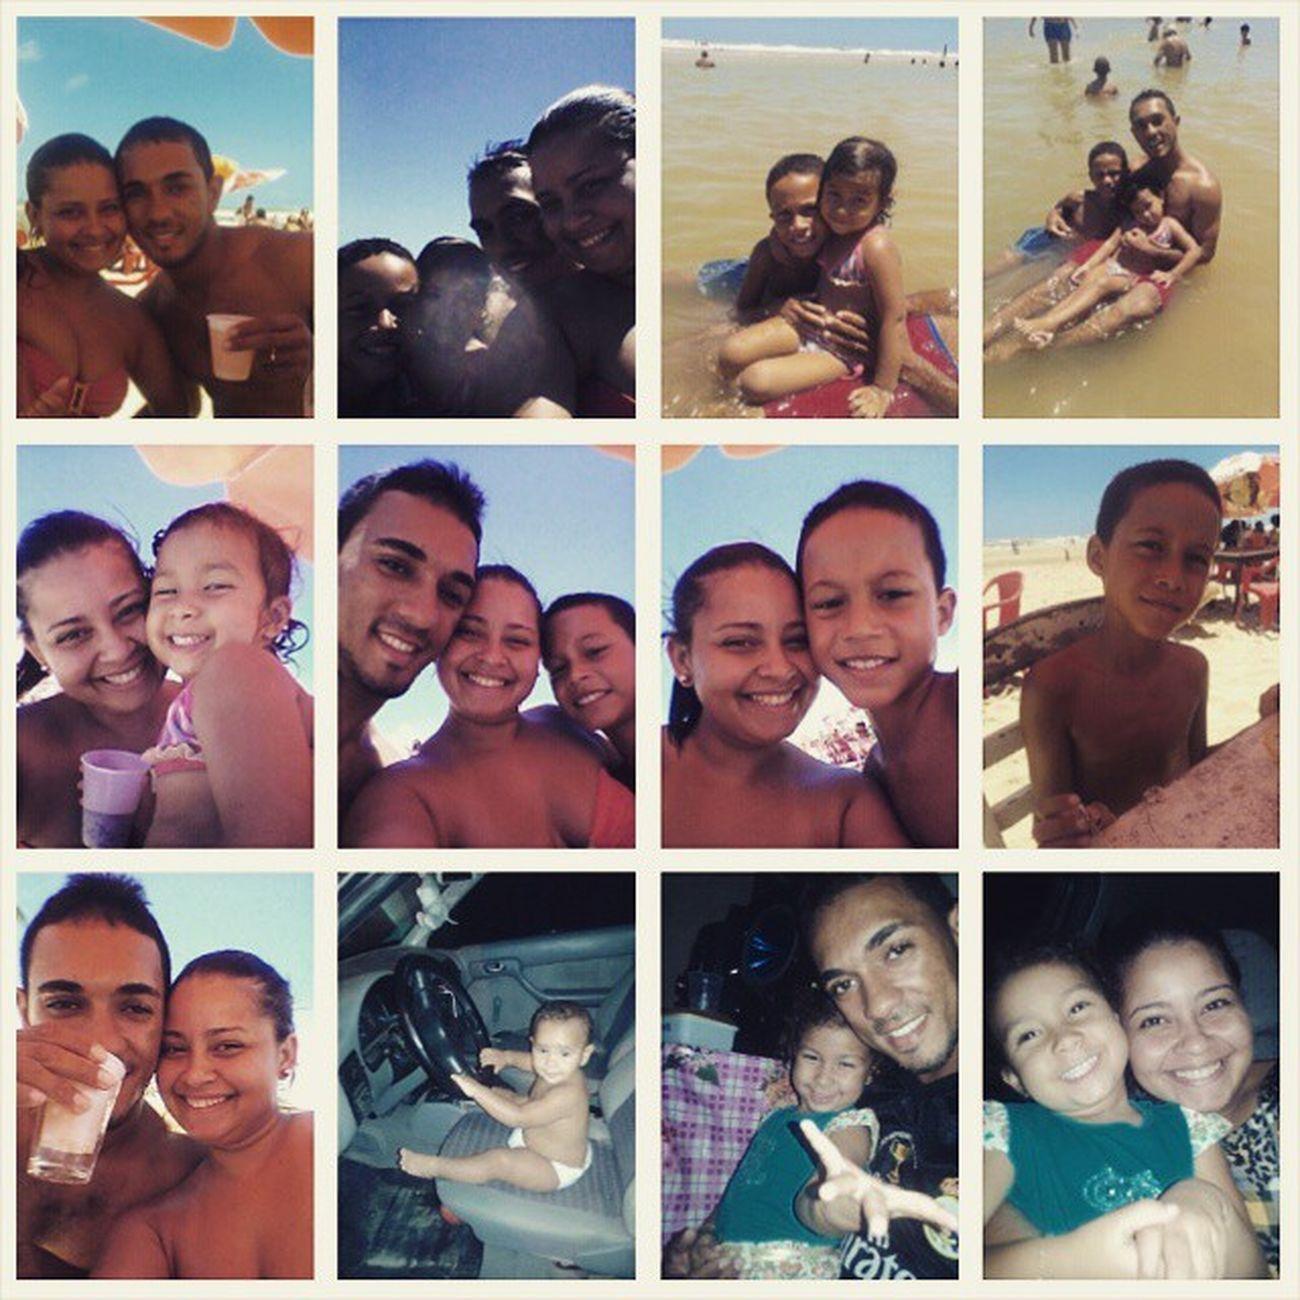 Fim de semana perfeito!!!! Só tenho a agradecer a Deus, por esta me fazendo tão feliz e realizada! ! Happy Family Amor Beach FDS Tudolindo TudoquepediraDeus